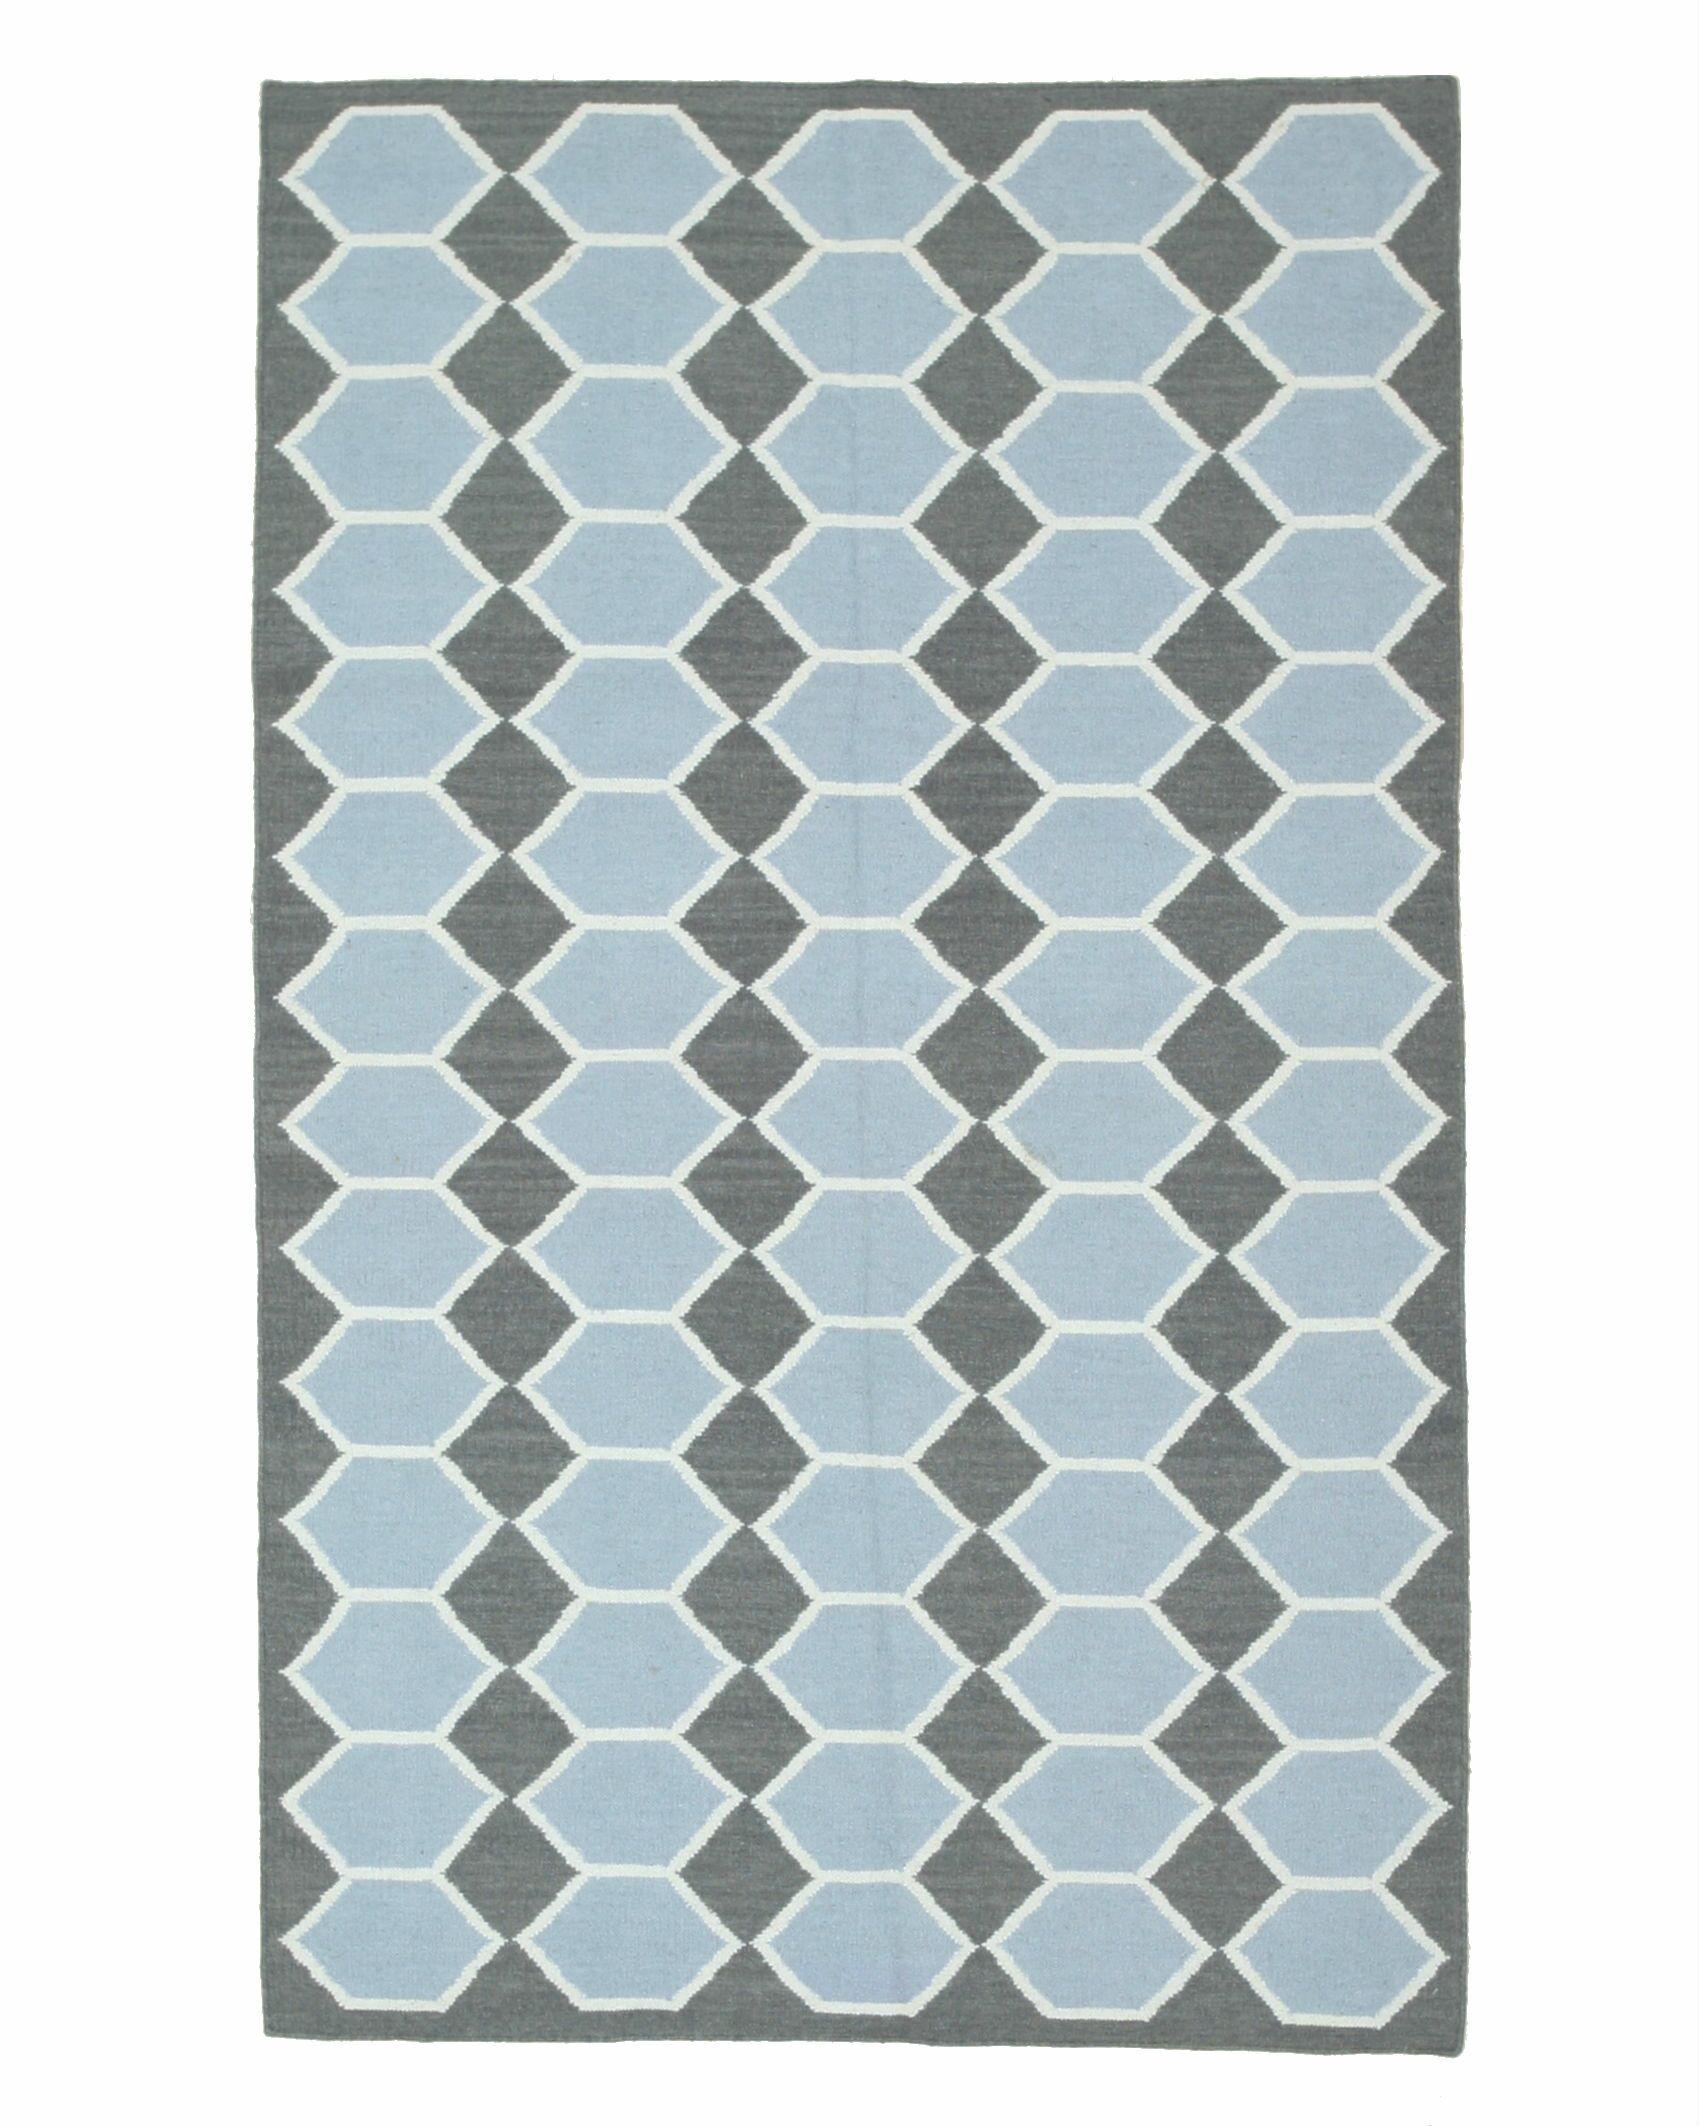 Hanson Handmade Blue Area Rug Rug Size: 10' x 14'